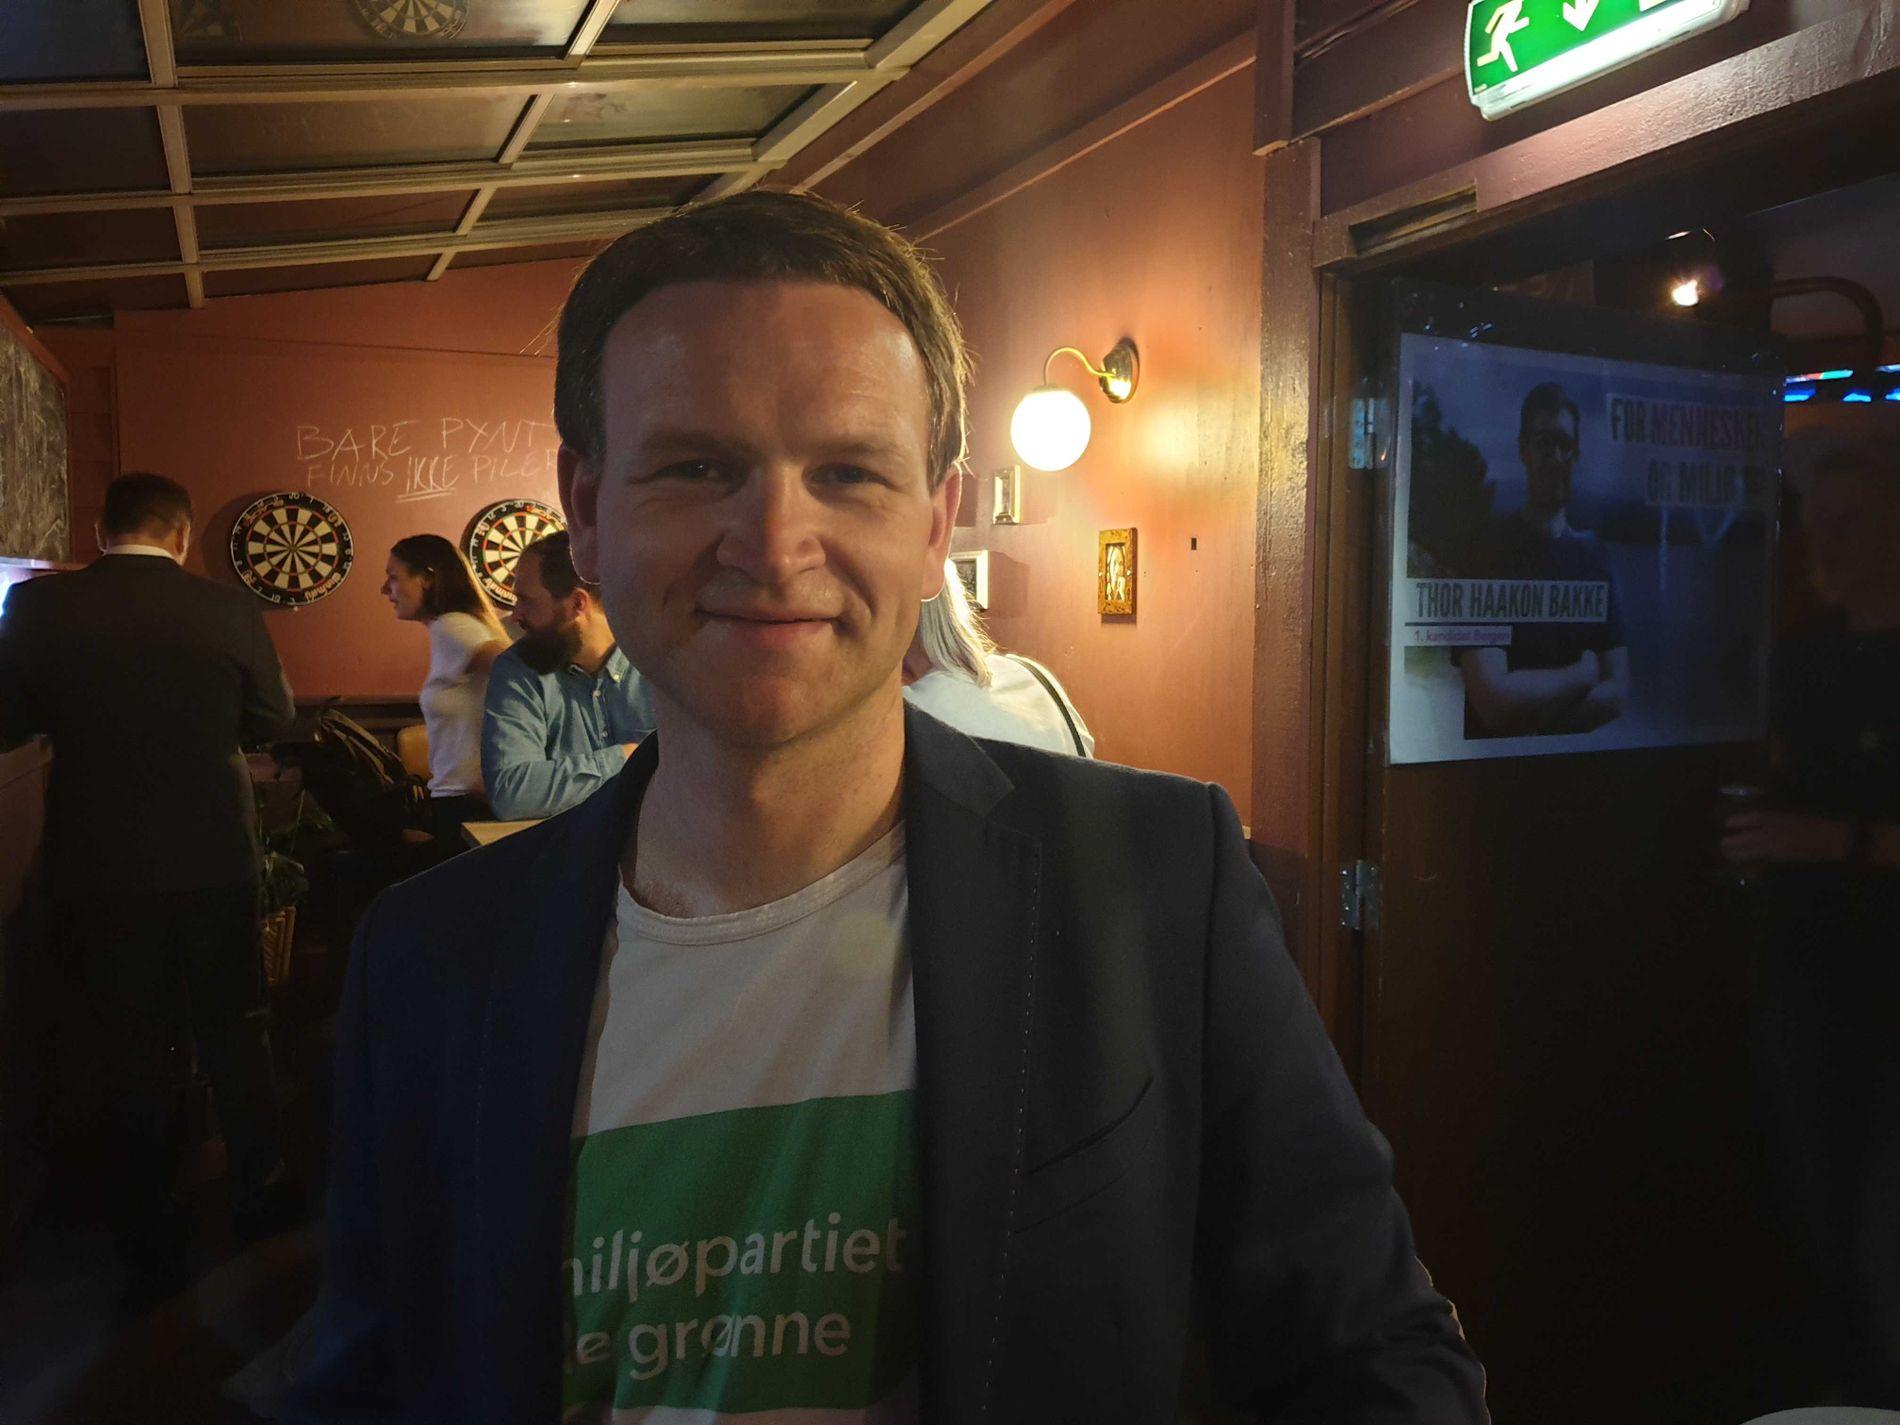 TREDJEKANDIDAT: Øystein Bønes er fornøyd med de foreløpige tallene, men tror MDG kommer til å få færre mandater enn syv.